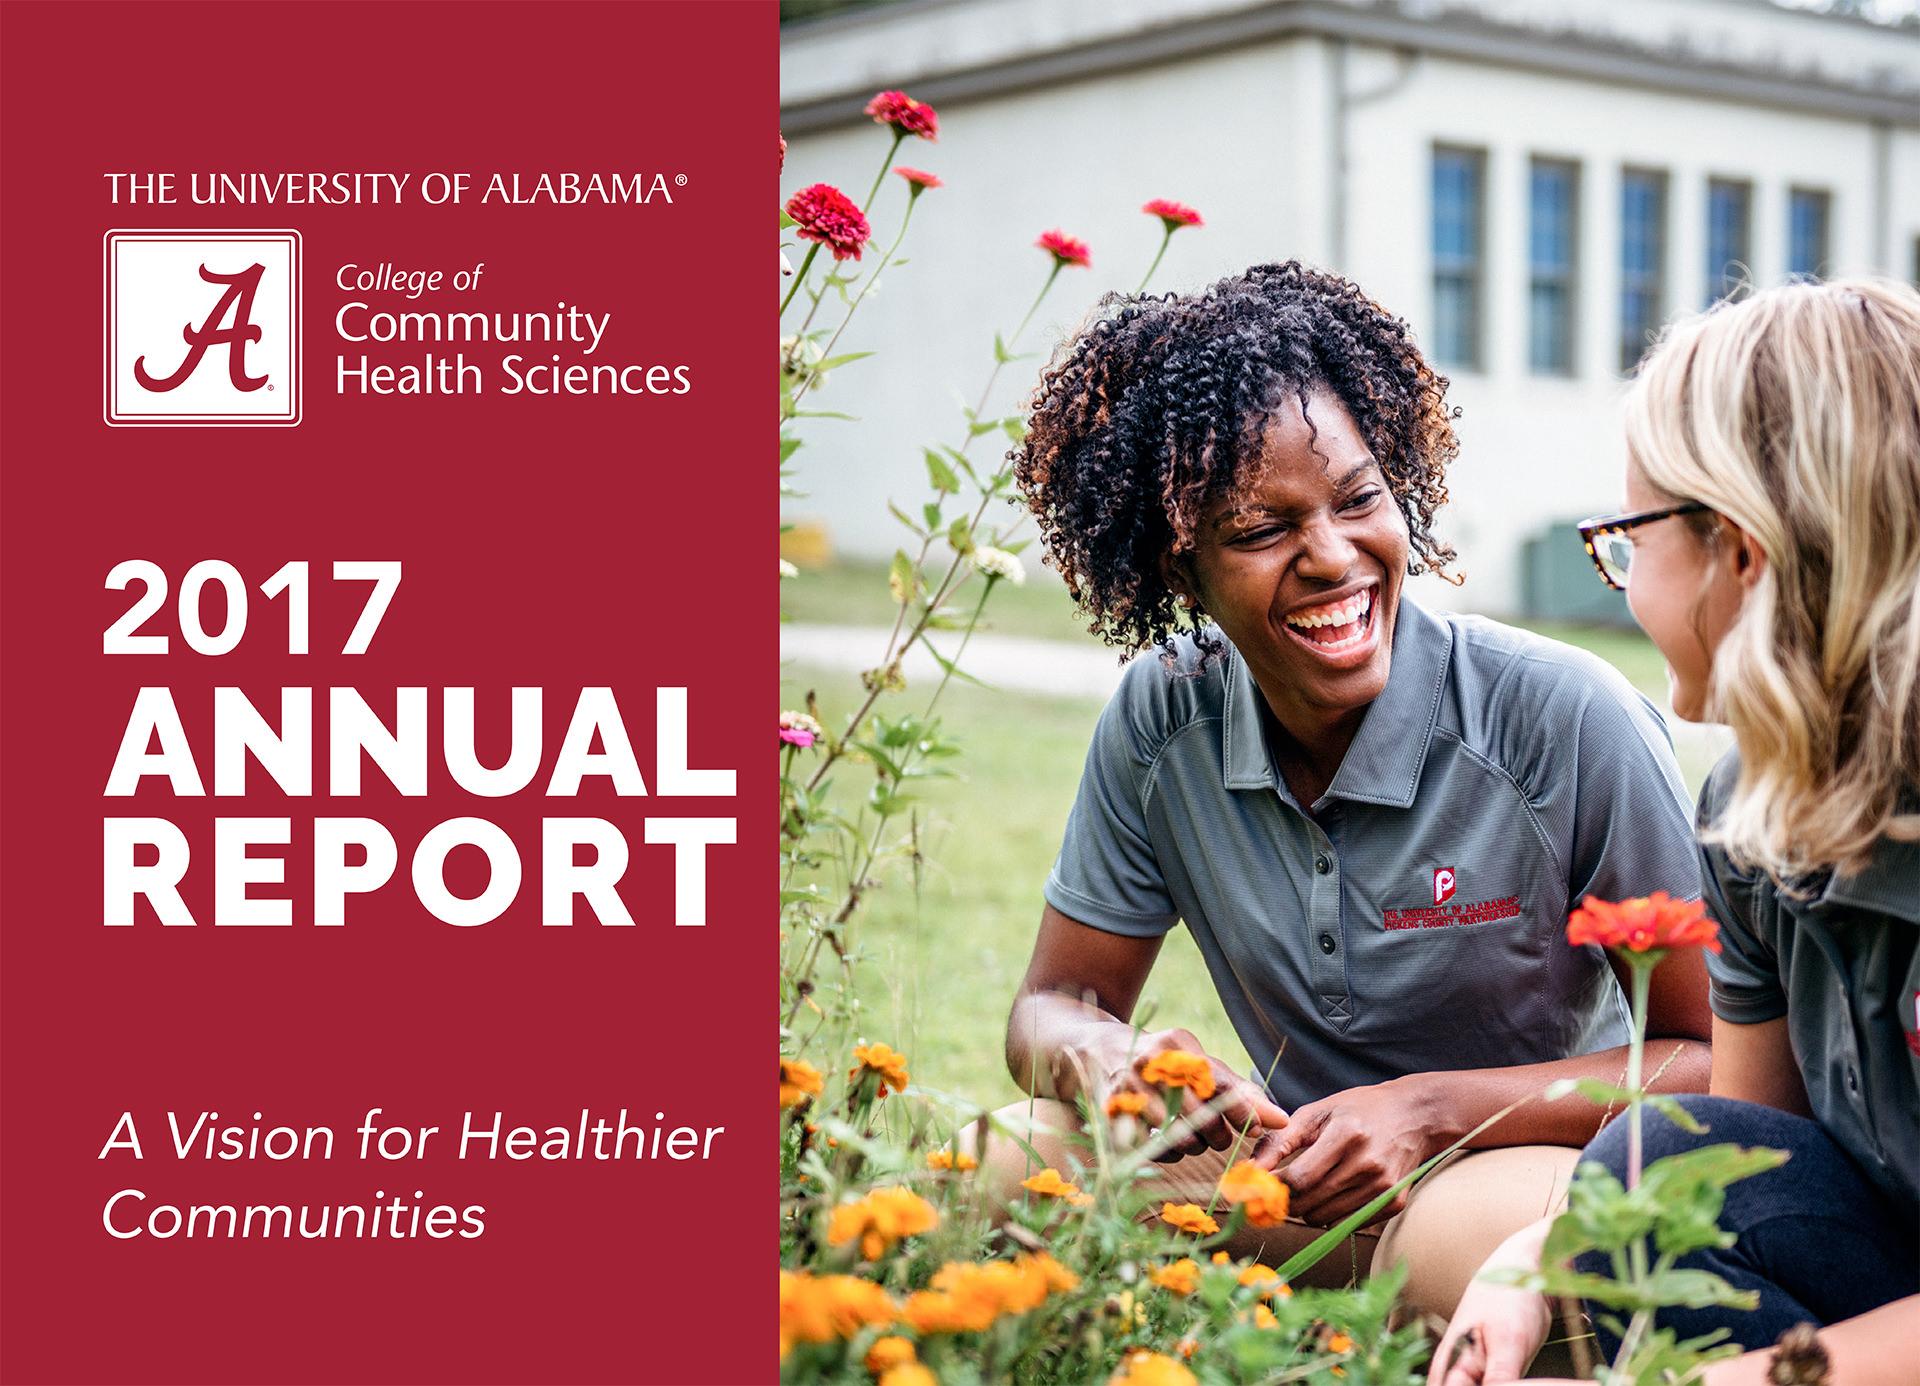 Annaul Report 2017